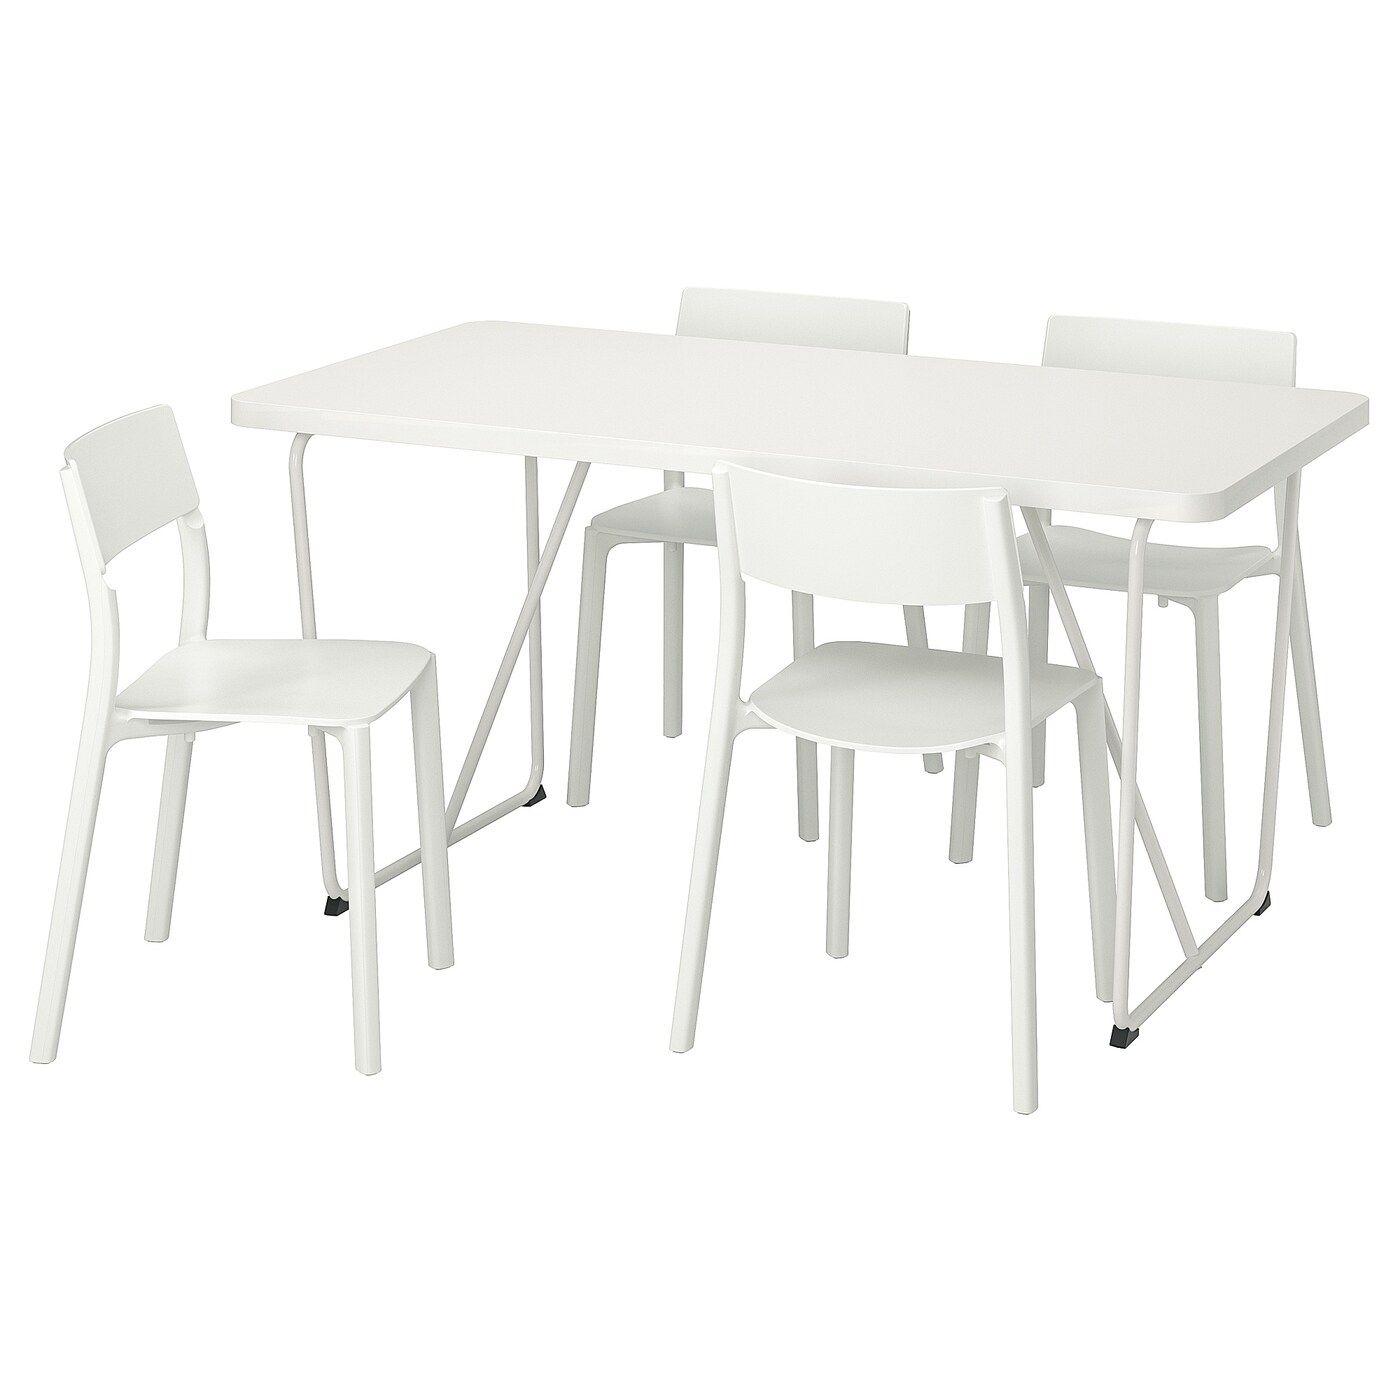 Ikea Eettafel 4 Stoelen.Rydeback Backaryd Janinge Tafel En 4 Stoelen Wit Wit 150 Cm